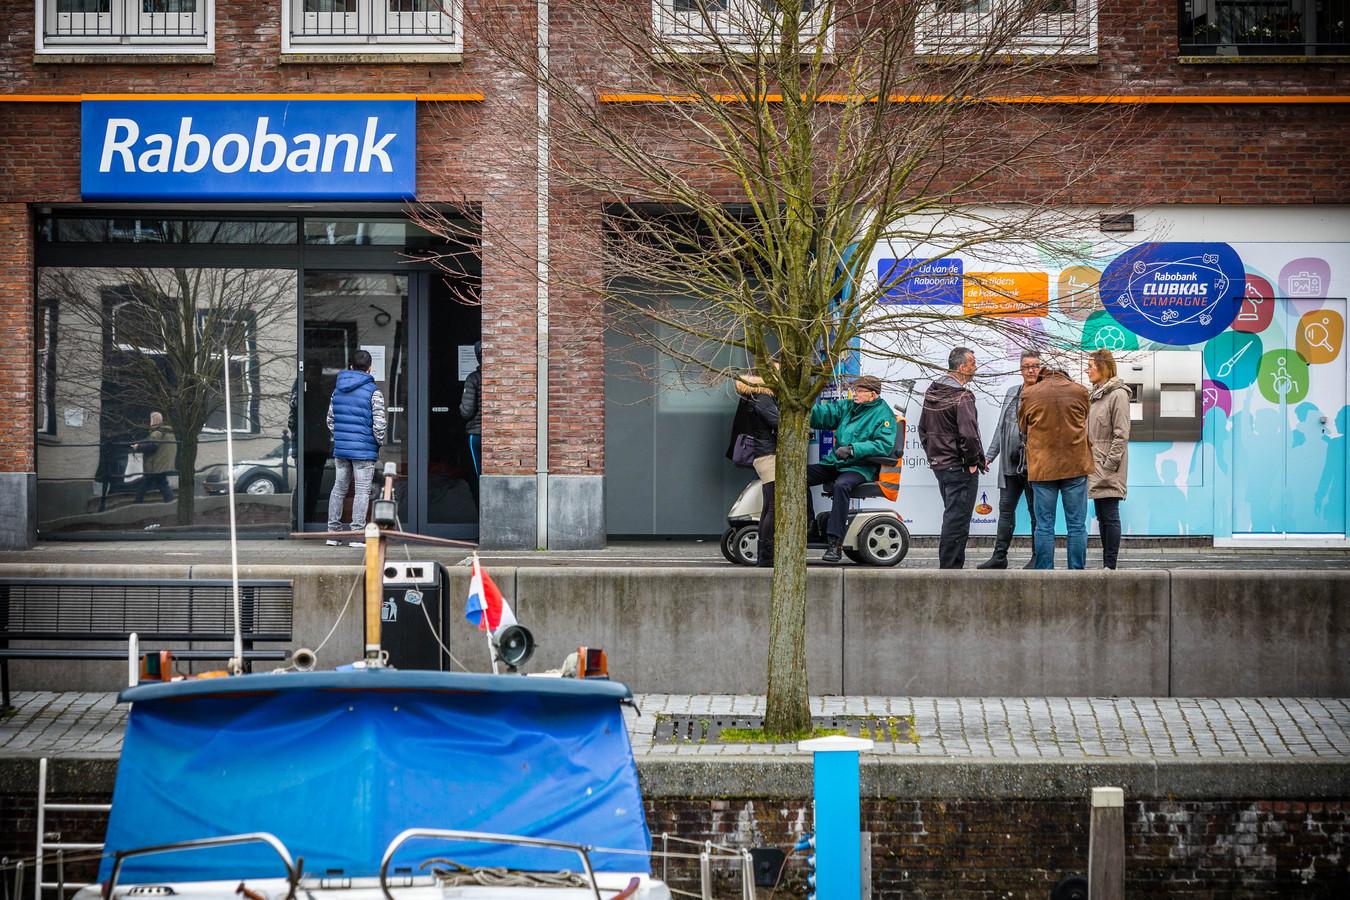 OUDENBOSCH - Het filiaal van de Rabobank waar eerder een inbraak is geweest. Volgens justitie is bij de kluisroof rond de 15 miljoen euro buitgemaakt.